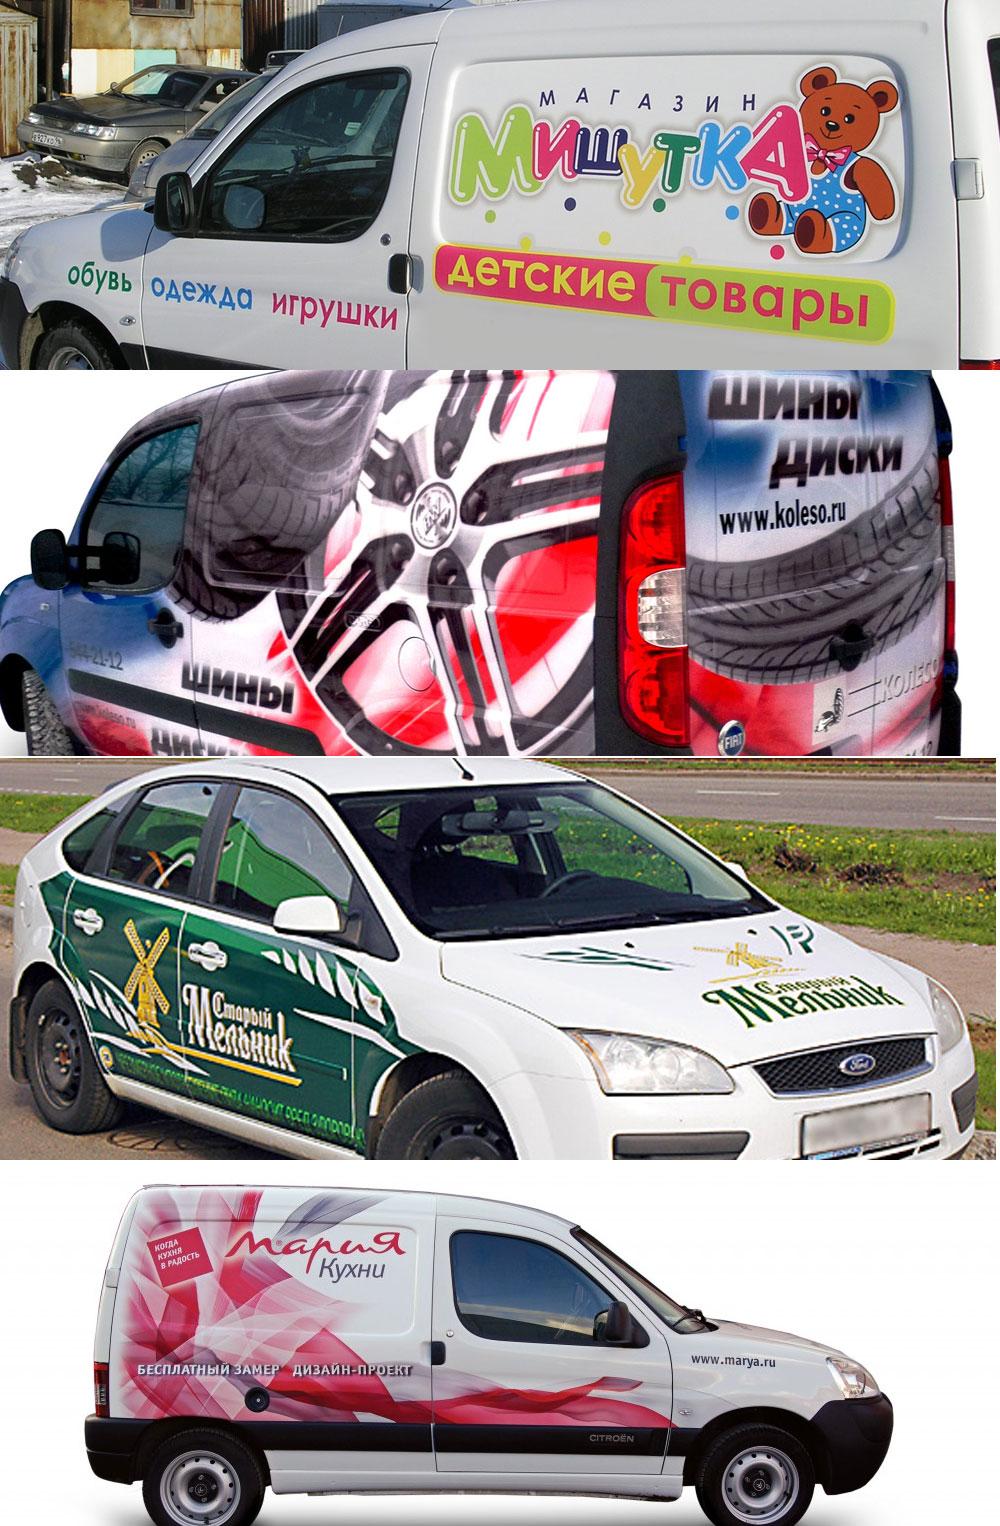 брендирование авто оклейка транспорта воронеж